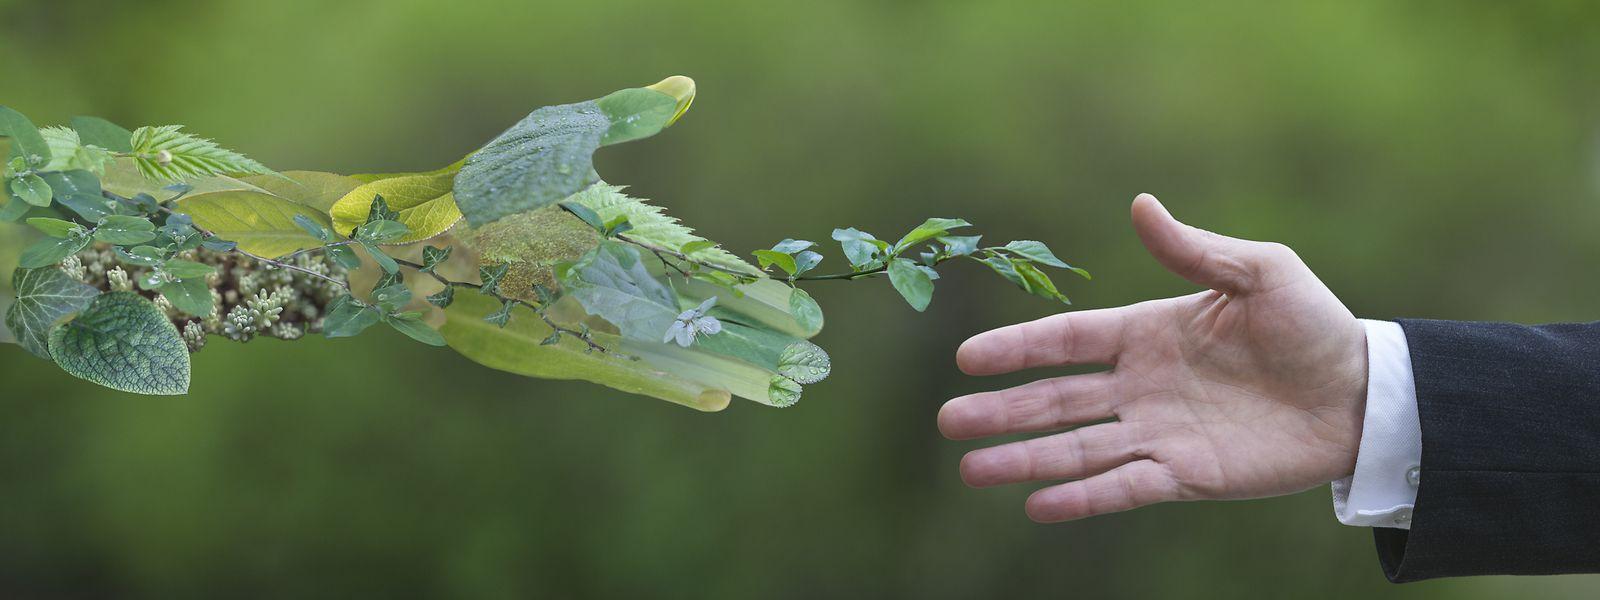 La finance durable peut accompagner la transition de la société vers une économie verte.